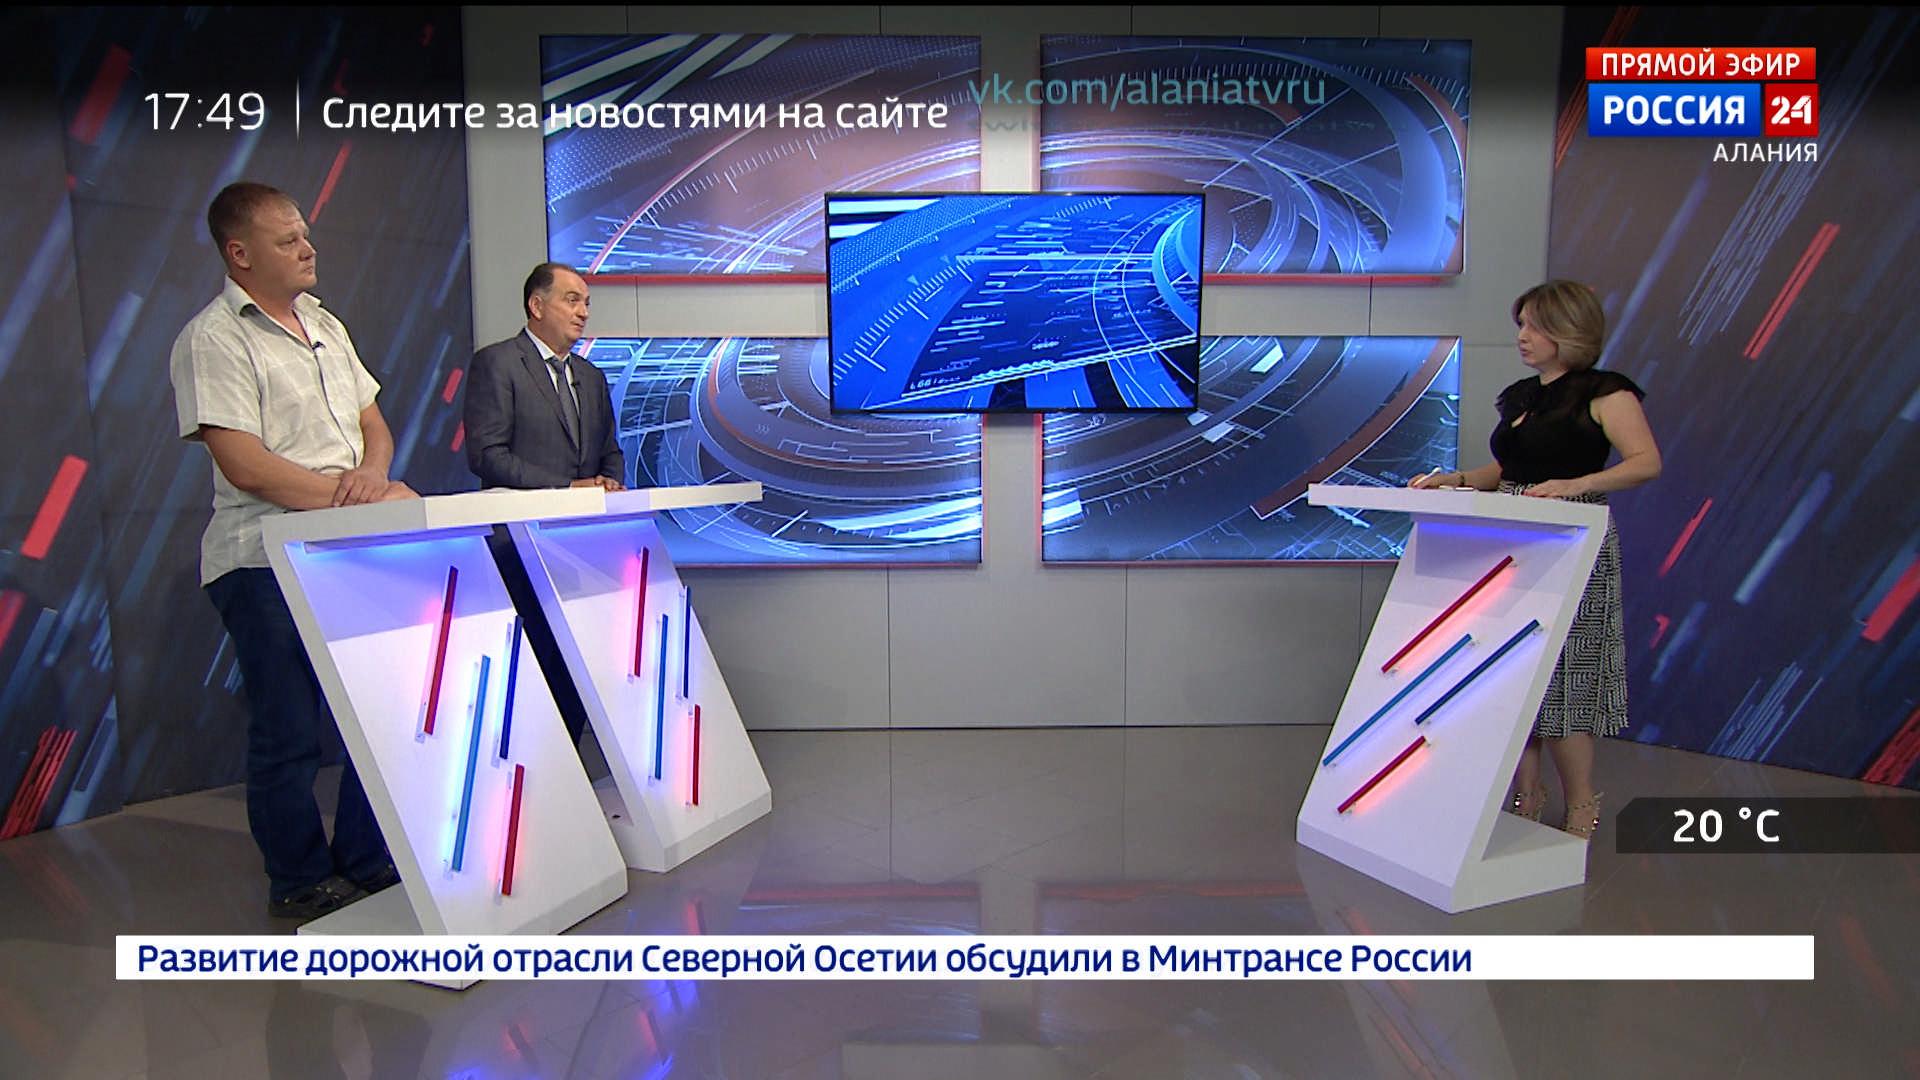 Республика. Развитие рыбоводства в Северной Осетии